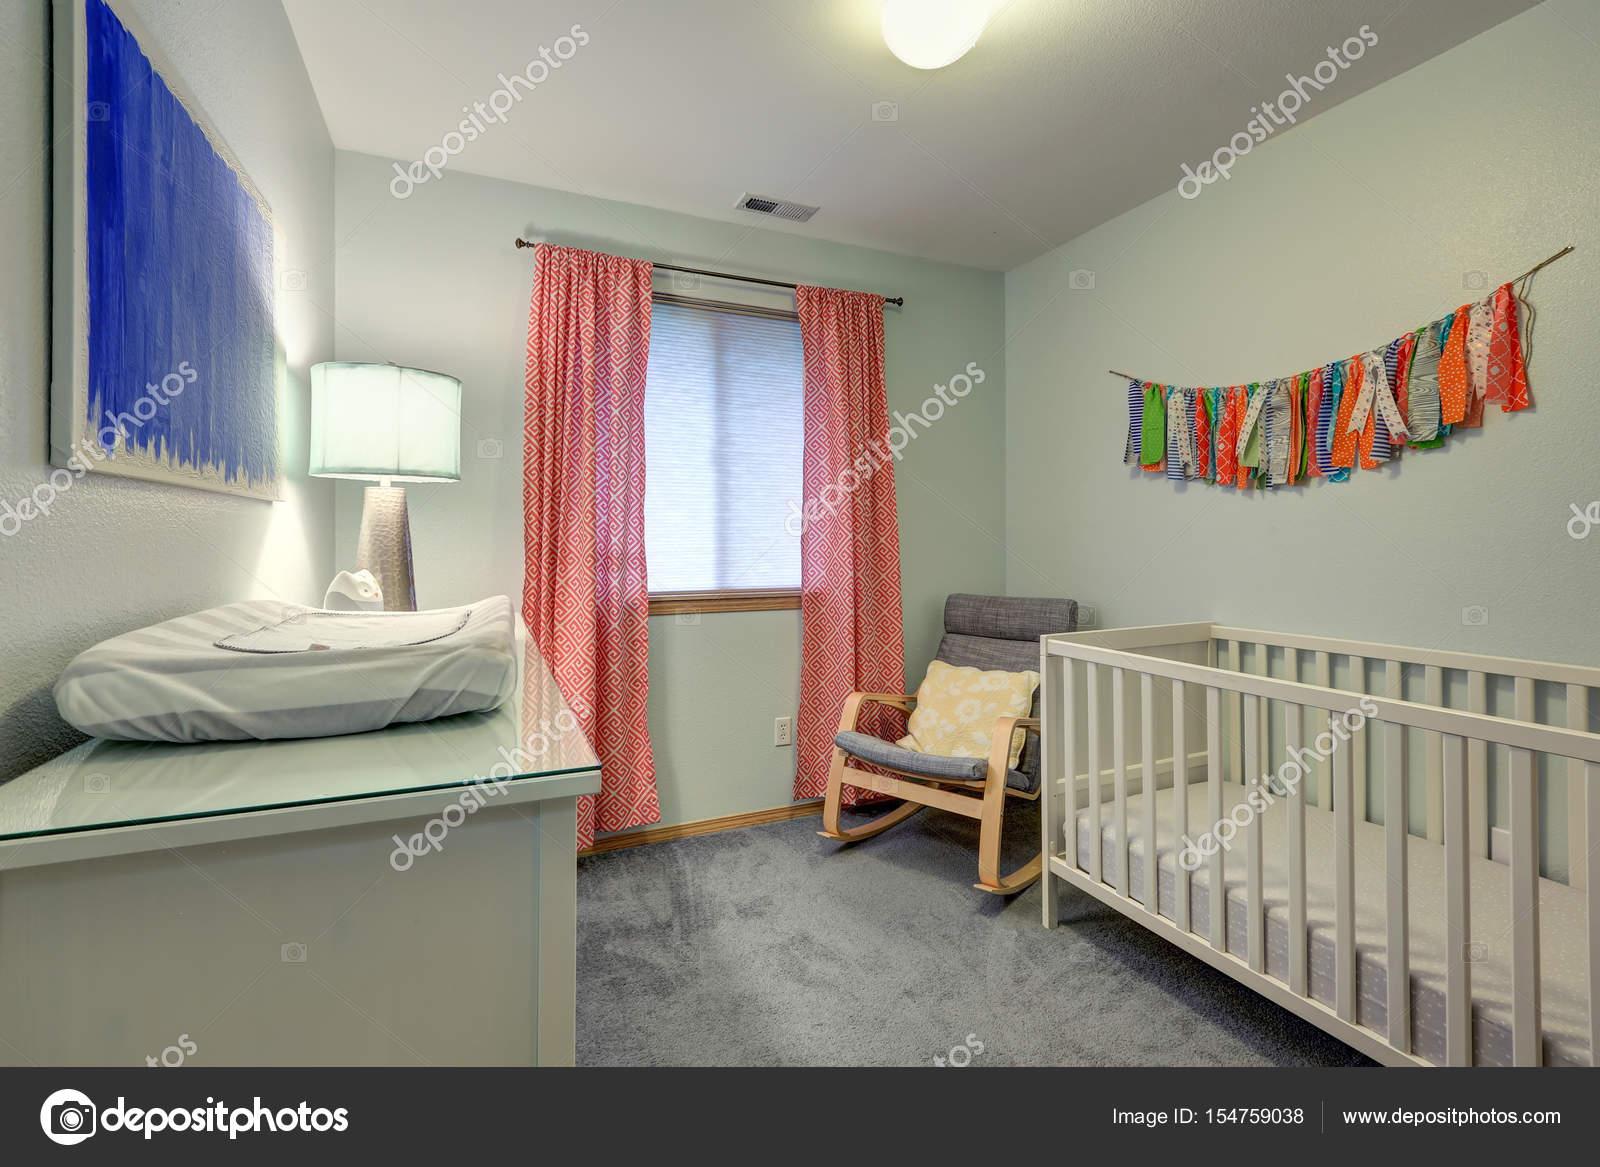 Kinderzimmer Zimmer verfügt über warme grüne Wände ...